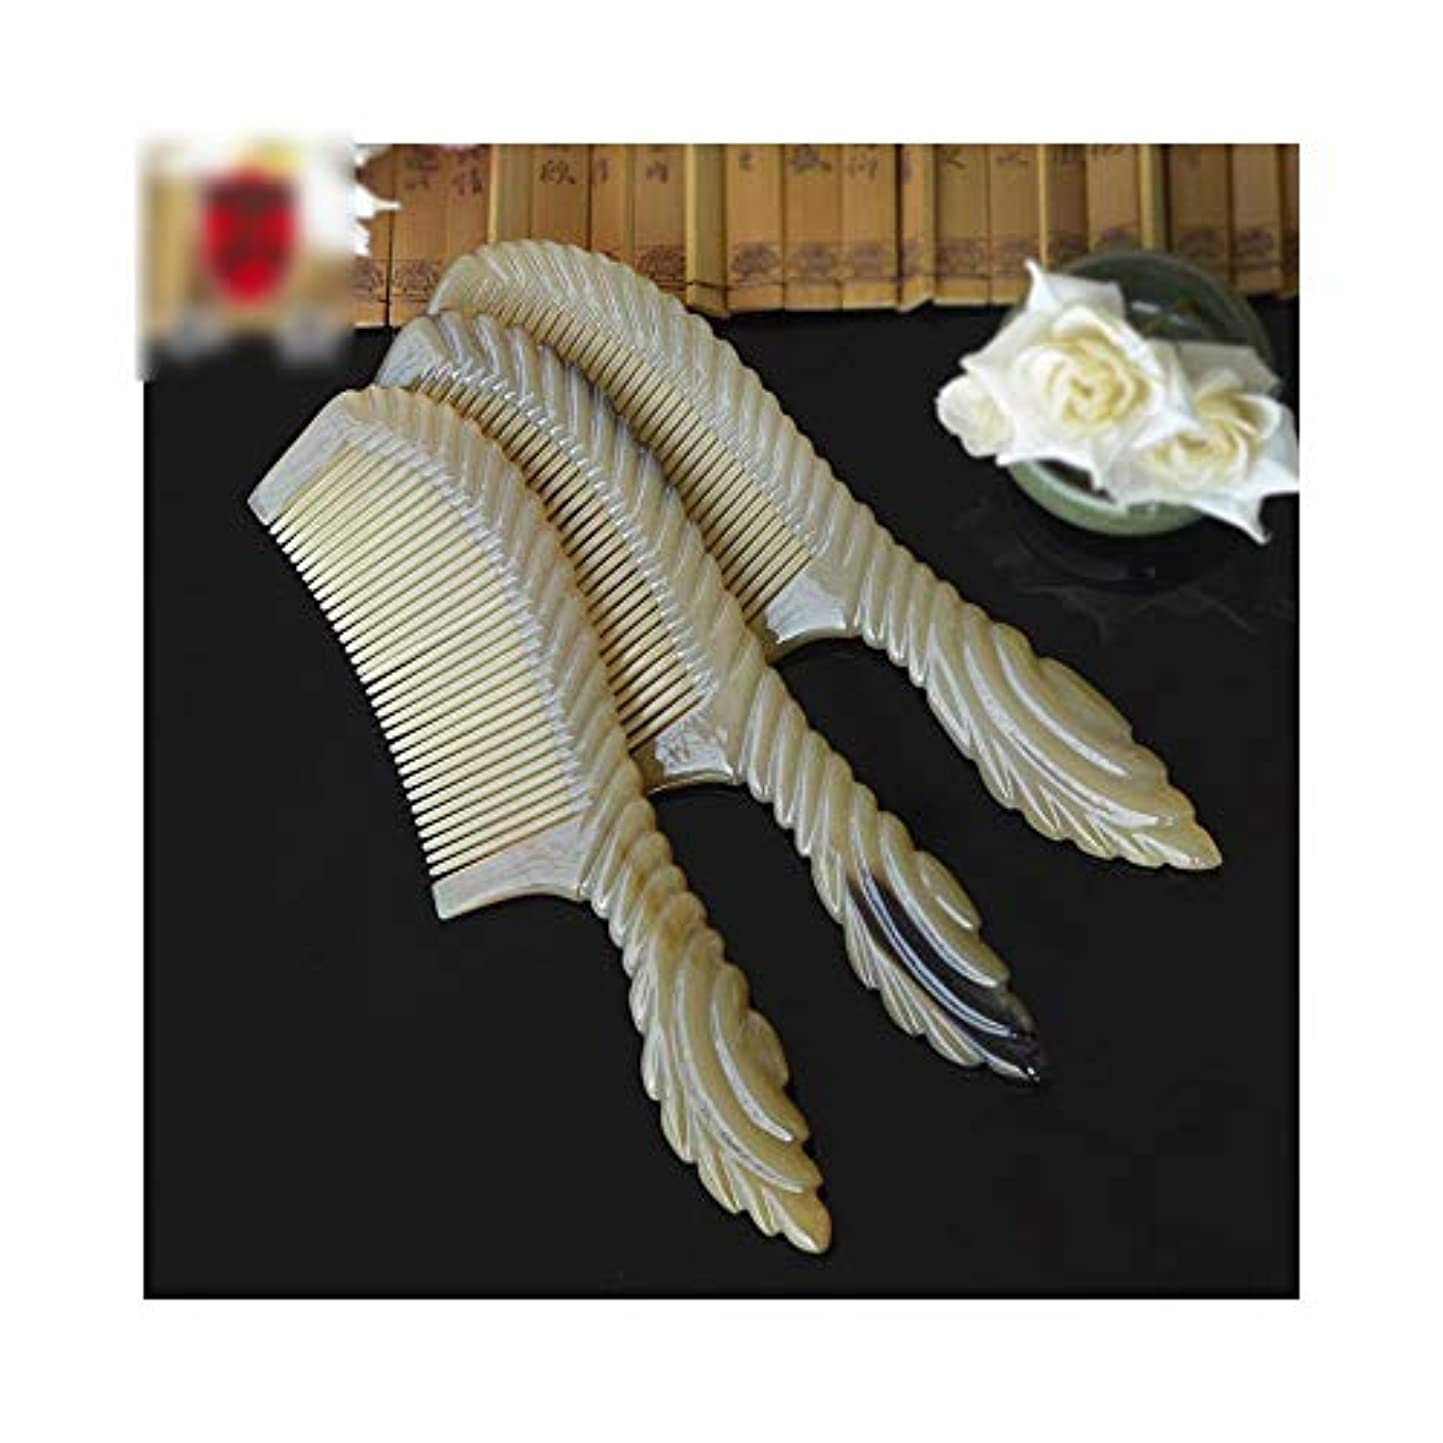 スクリューソフィー病なZYDP 帯電防止毛の櫛の女性のための自然な水牛の角の櫛の良い歯の櫛 (色 : 7087)